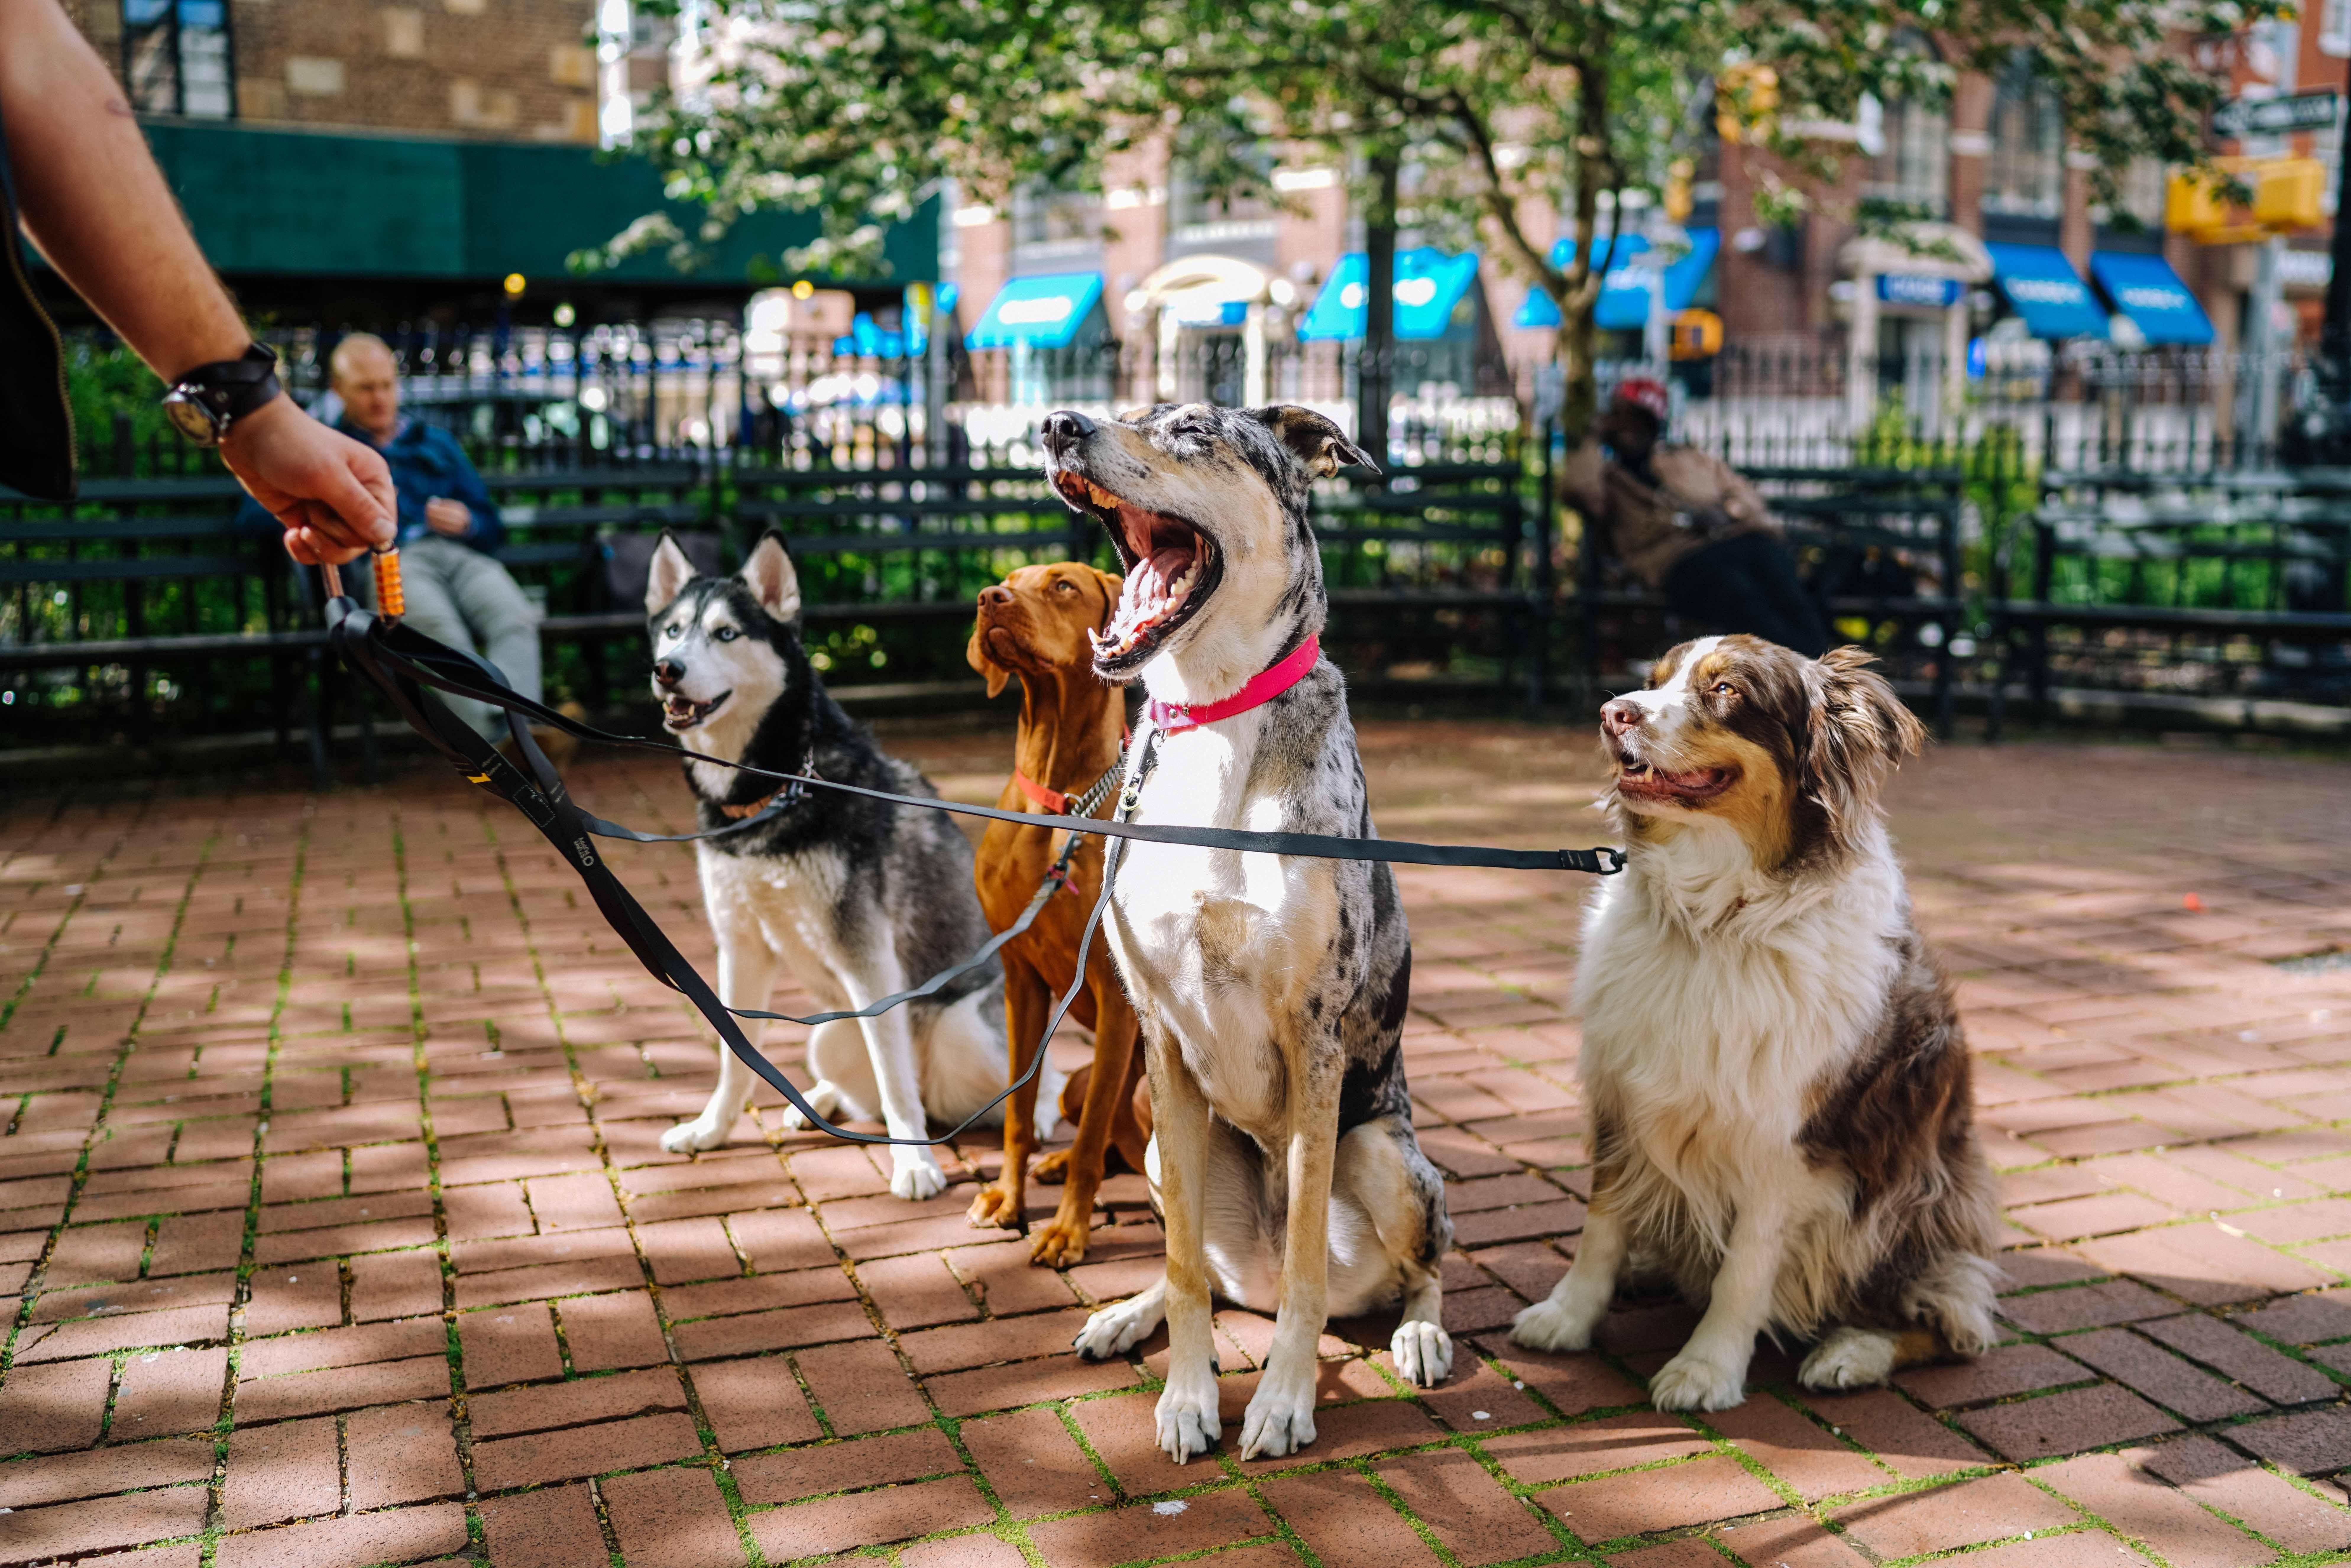 Miejsca przyjazne zwierzętom w Olsztynie. Photo by Matt Nelson on Unsplash